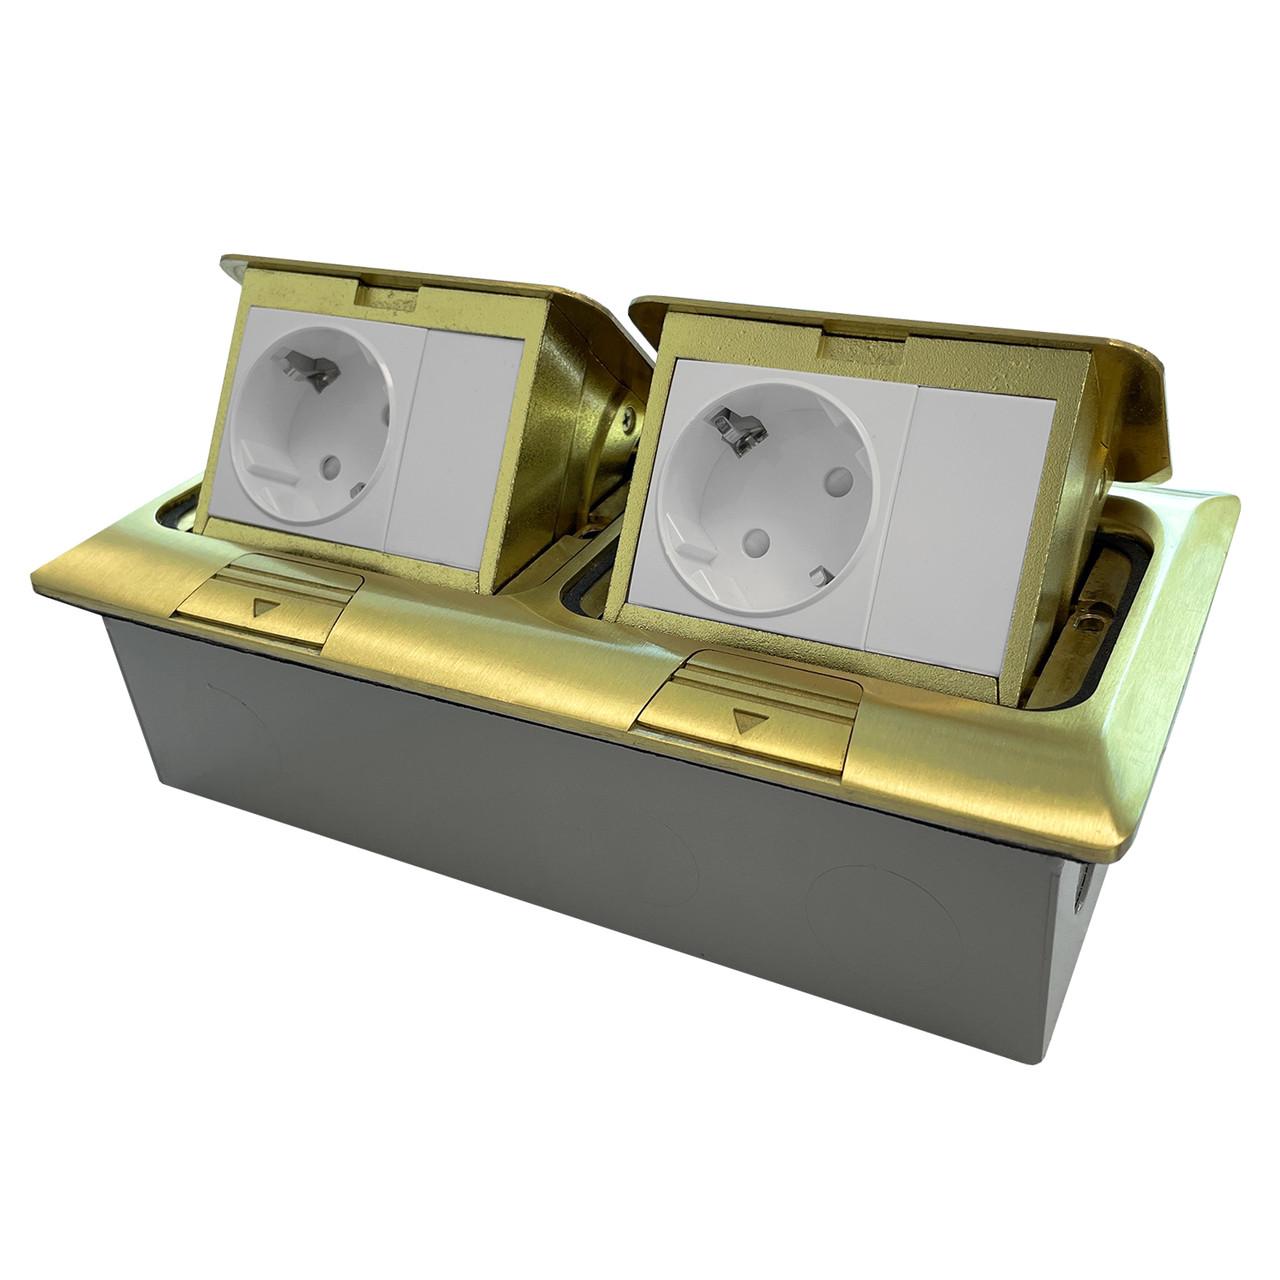 Shelbi Напольный/настольный лючок на 2х3 модуля, металл, золото